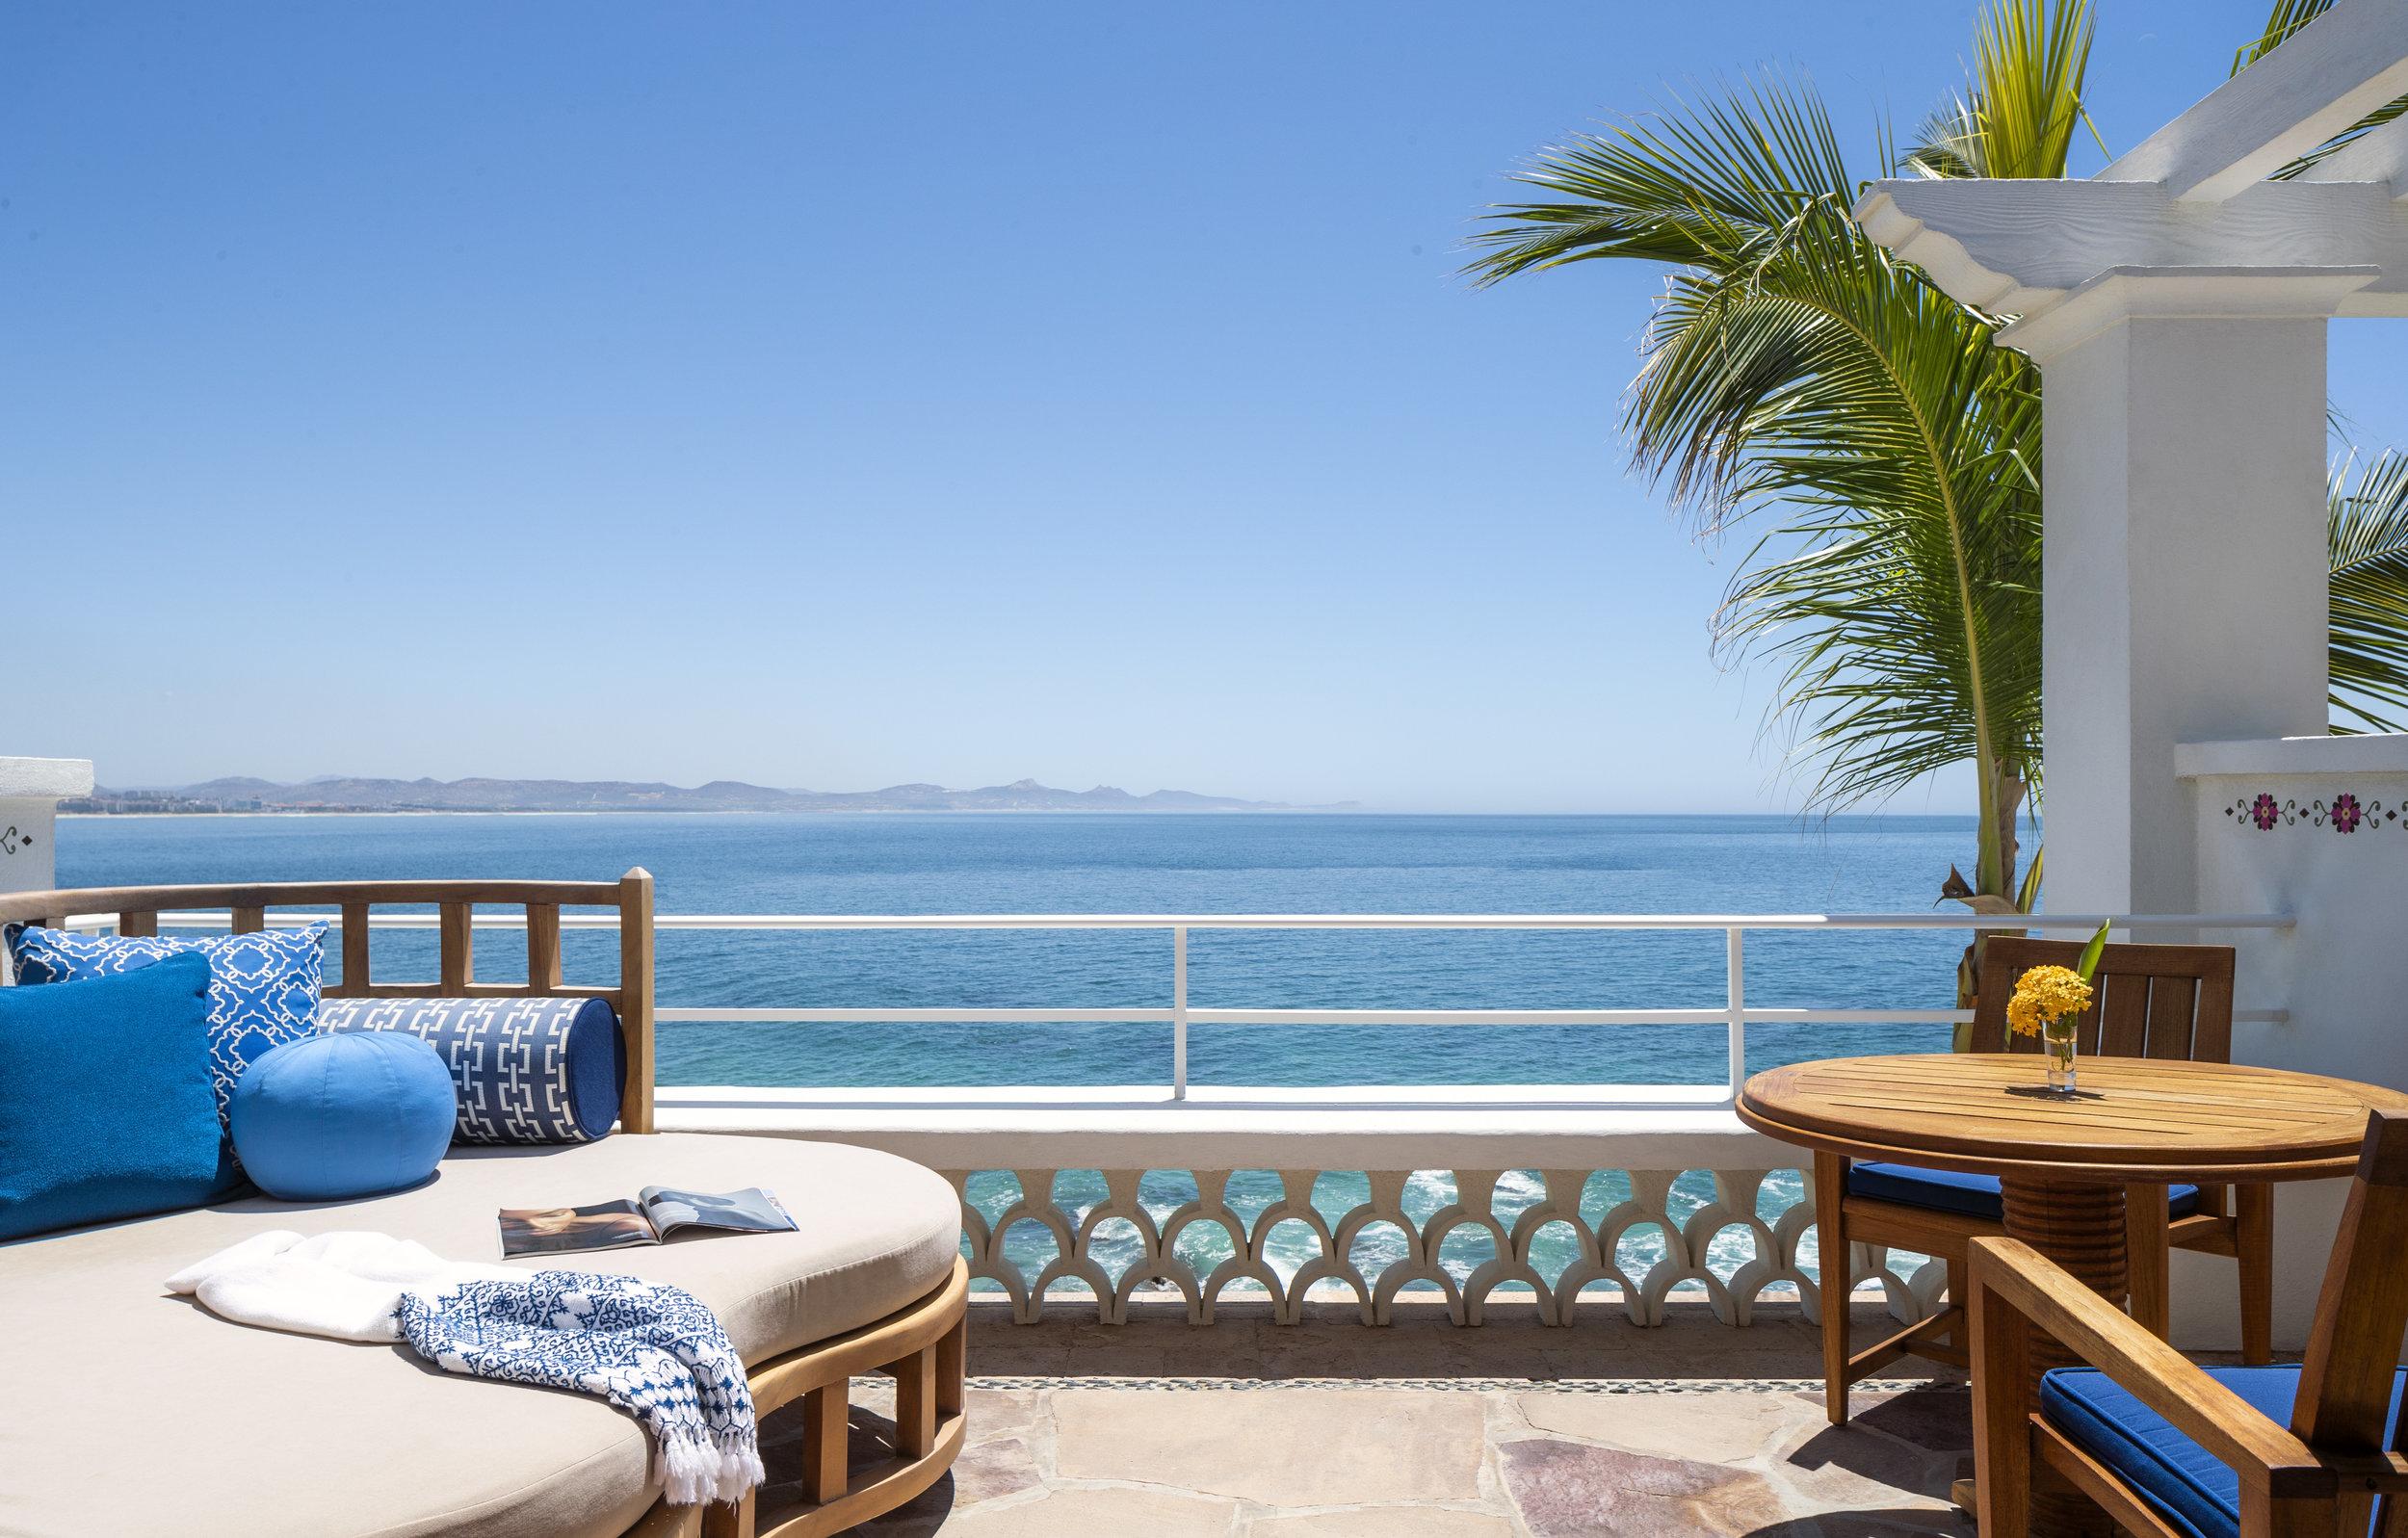 OO_Palmilla_Accommodation_Palmilla1735_OceanFront_Terrace_4819__MASTER.jpg